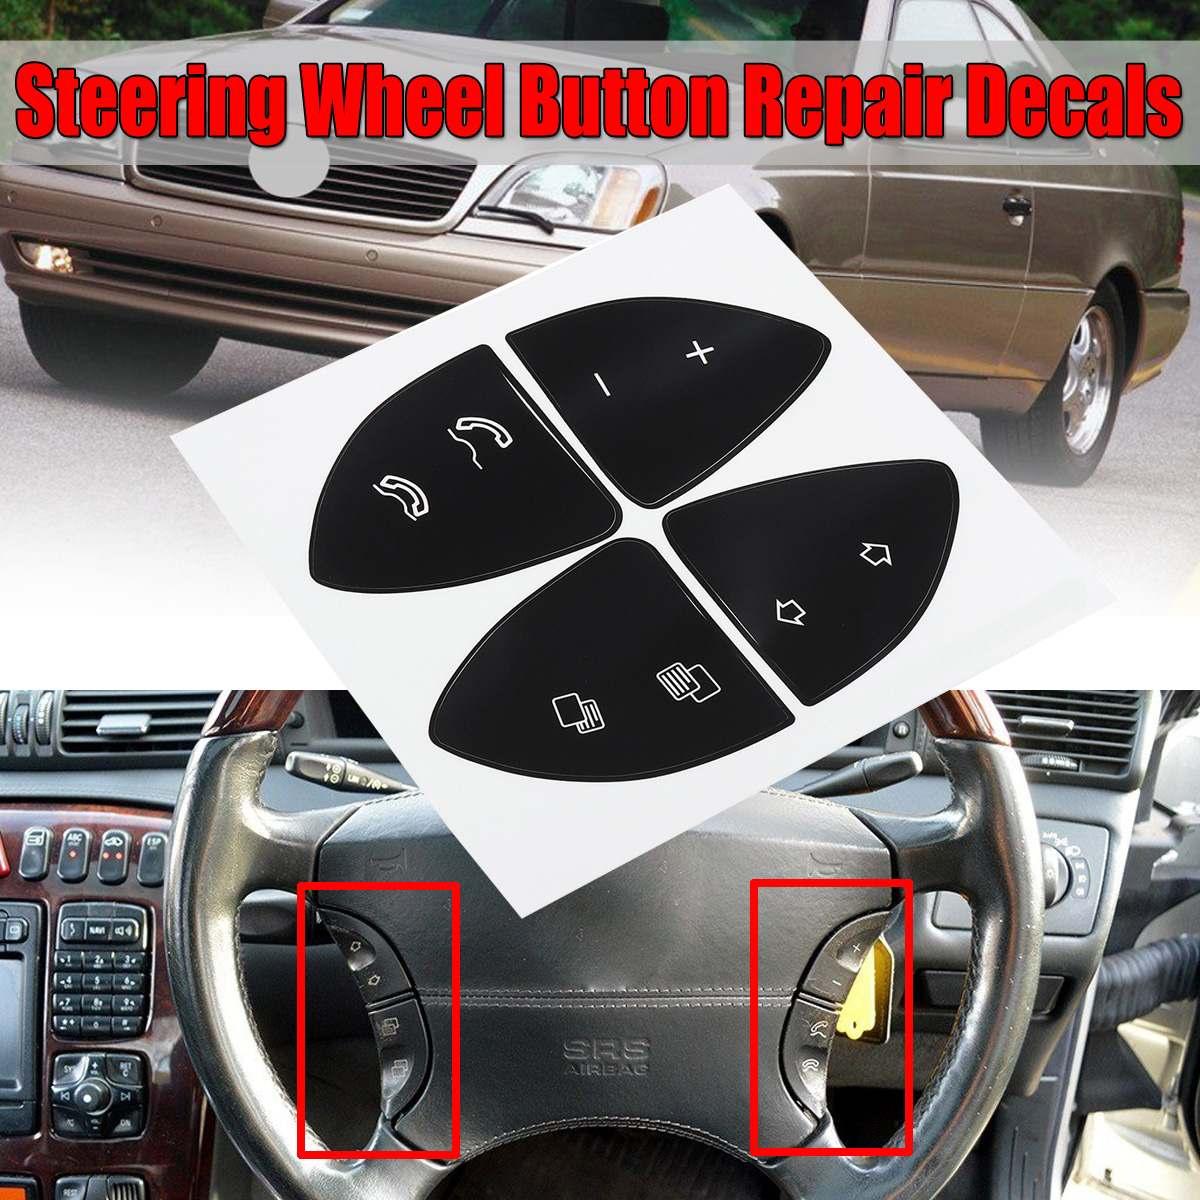 Автомобильная Кнопка ремонтная наклейка Кнопка Рулевого Колеса Ремонтные наклейки Набор для MERCEDES для BENZ W220 S430 S500 S600 CL500 CL600